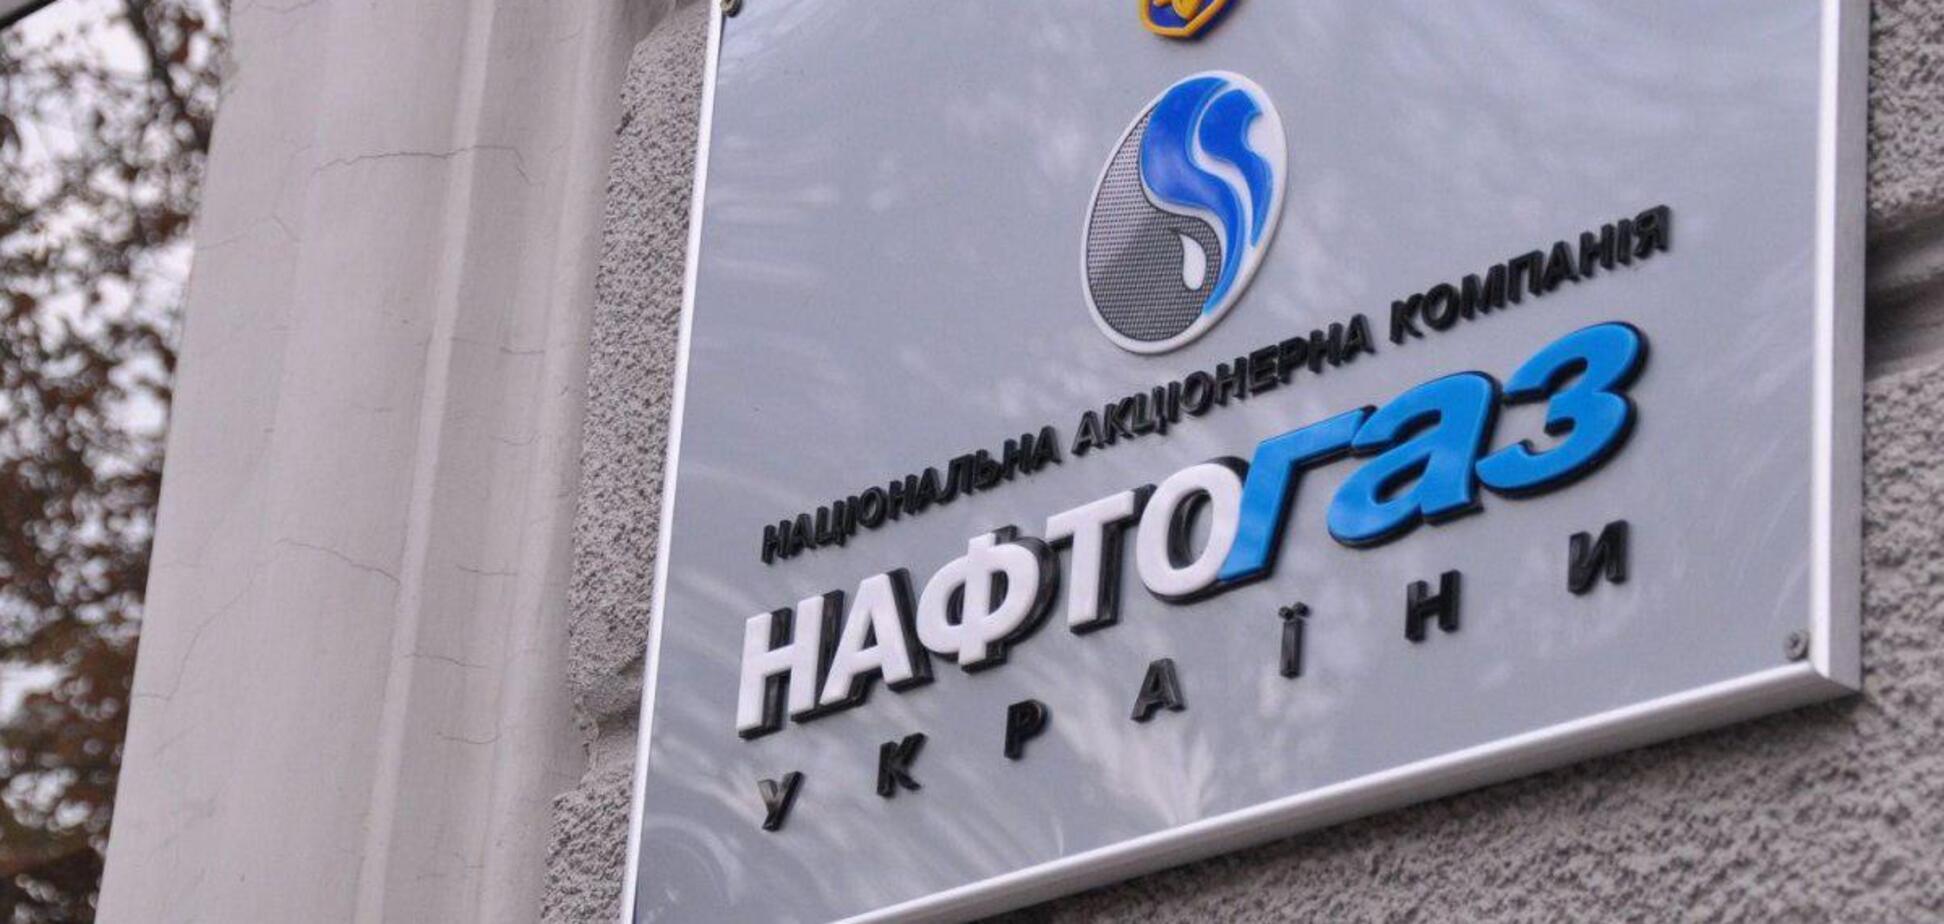 Суд розглянув справу 'Нафтогазу' і Держаудитслужби про премію Коболєва в розмірі 229 млн грн